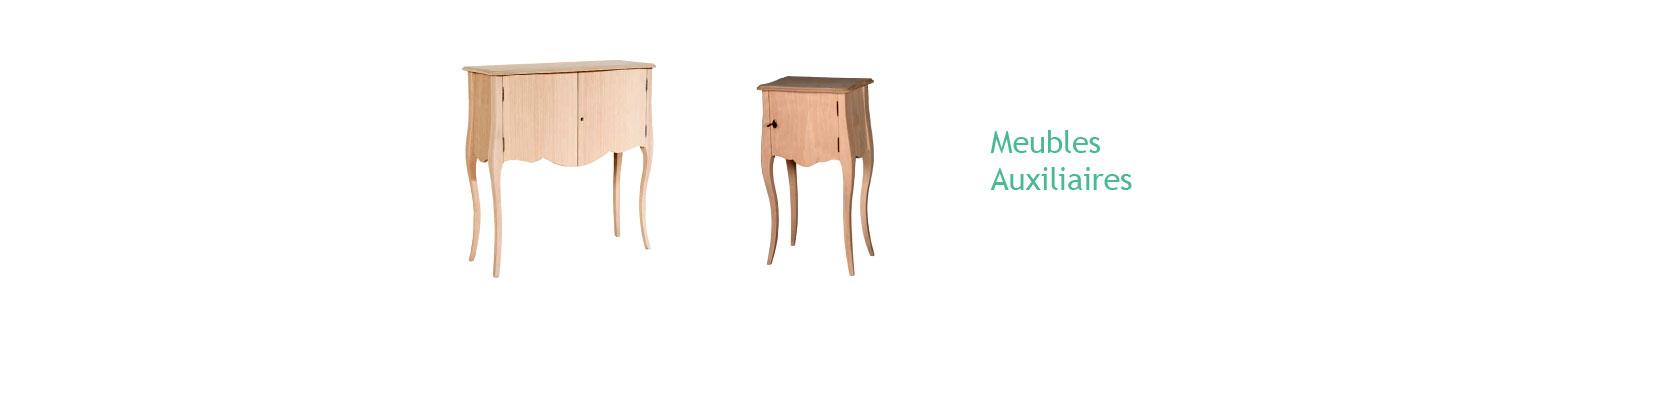 meubles-auxiliaires-bois-br